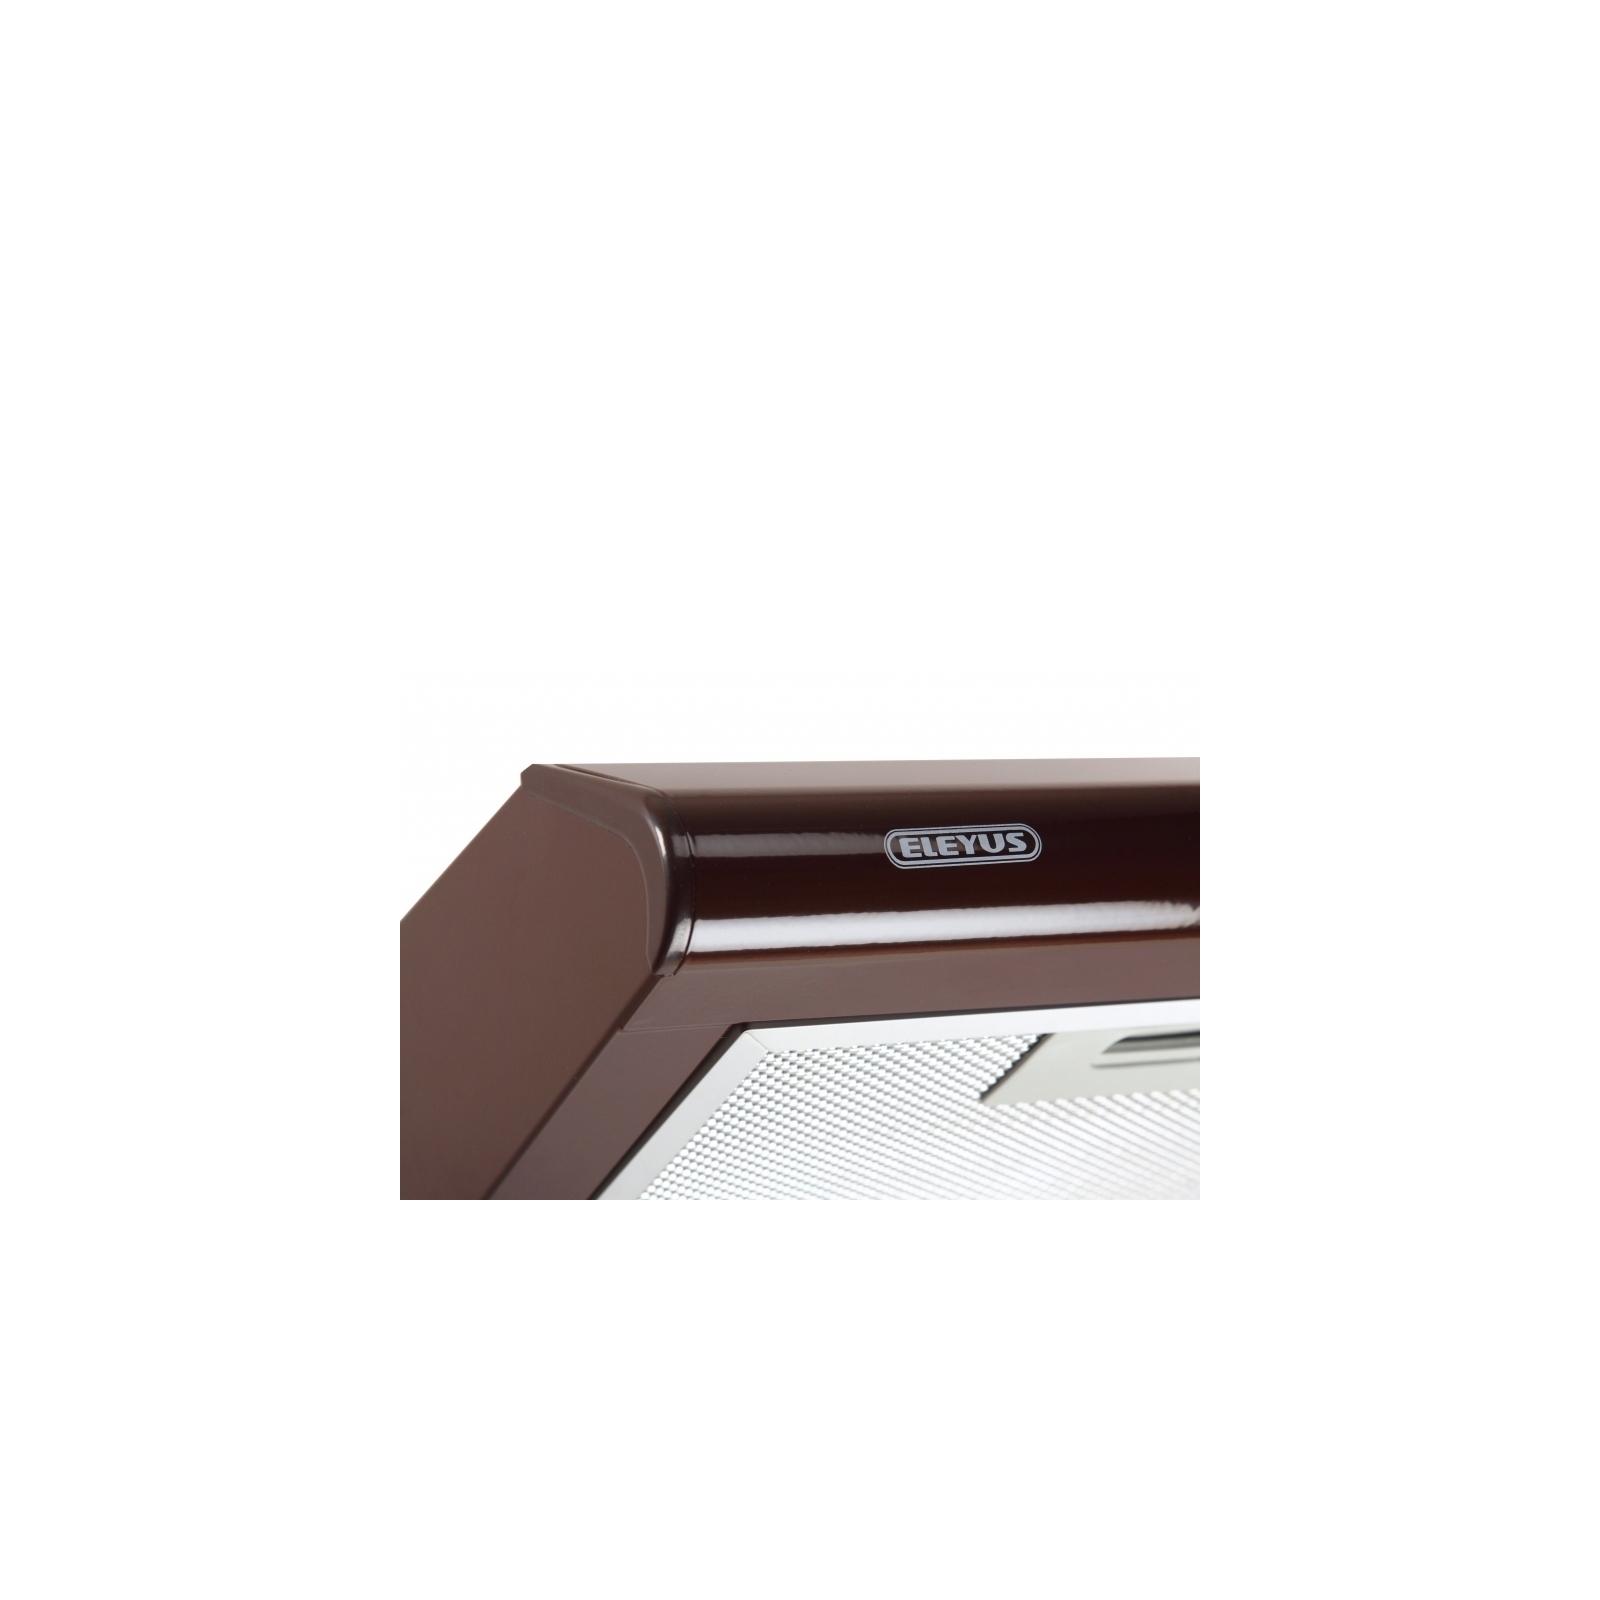 Вытяжка кухонная ELEYUS Line II 60 BR изображение 7